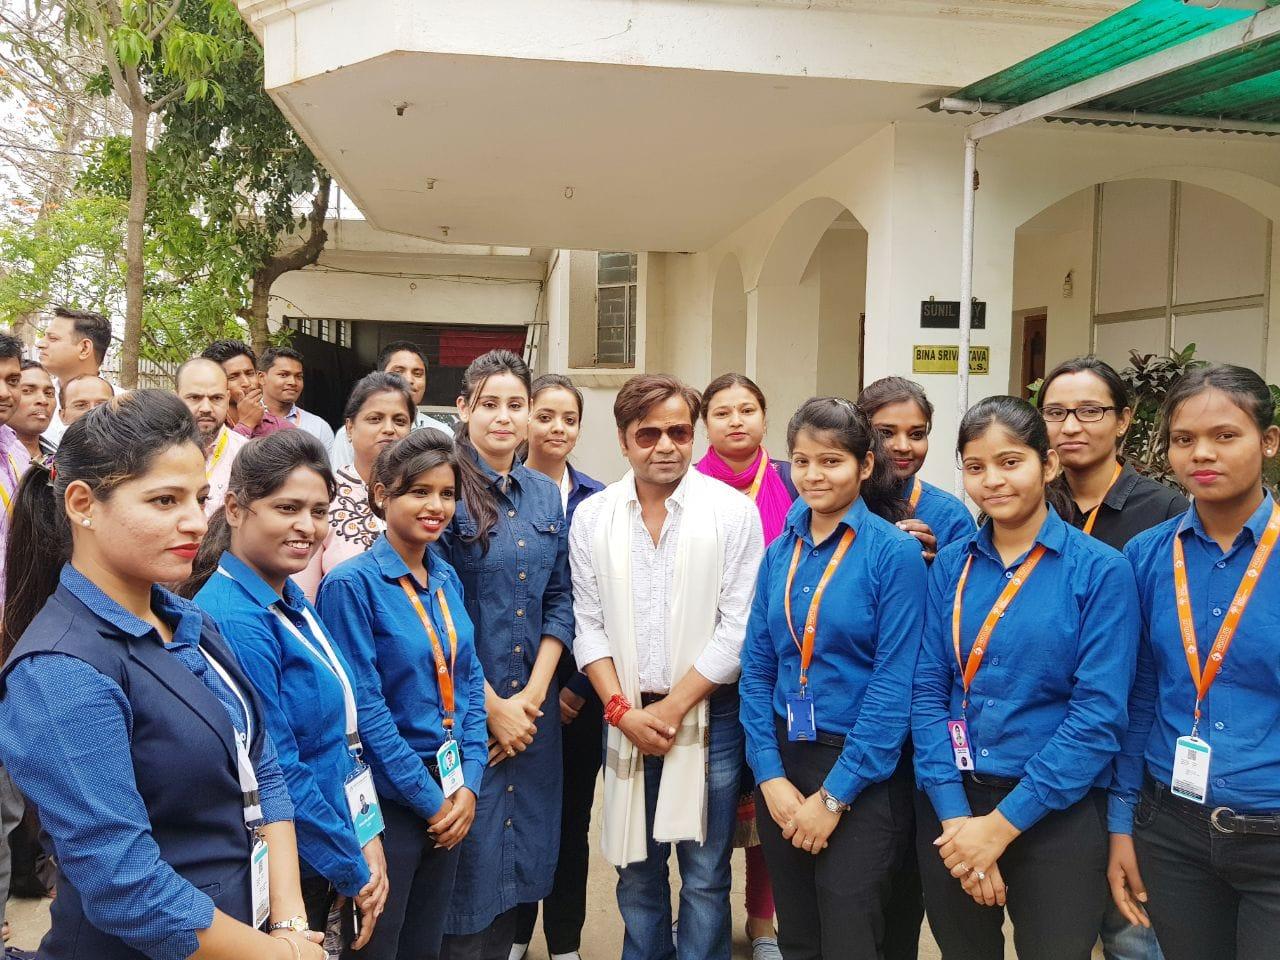 <p>आज राजपाल यादव ने कौशल विकाश का कार्य करने वाली संस्था frontline global services के प्रादेशिक दफ़्तर में कौशल विकाश के कार्यकर्ताओं को सम्बोधित किया ! बेहद ही उमदा तरीक़े से उन्होंने…